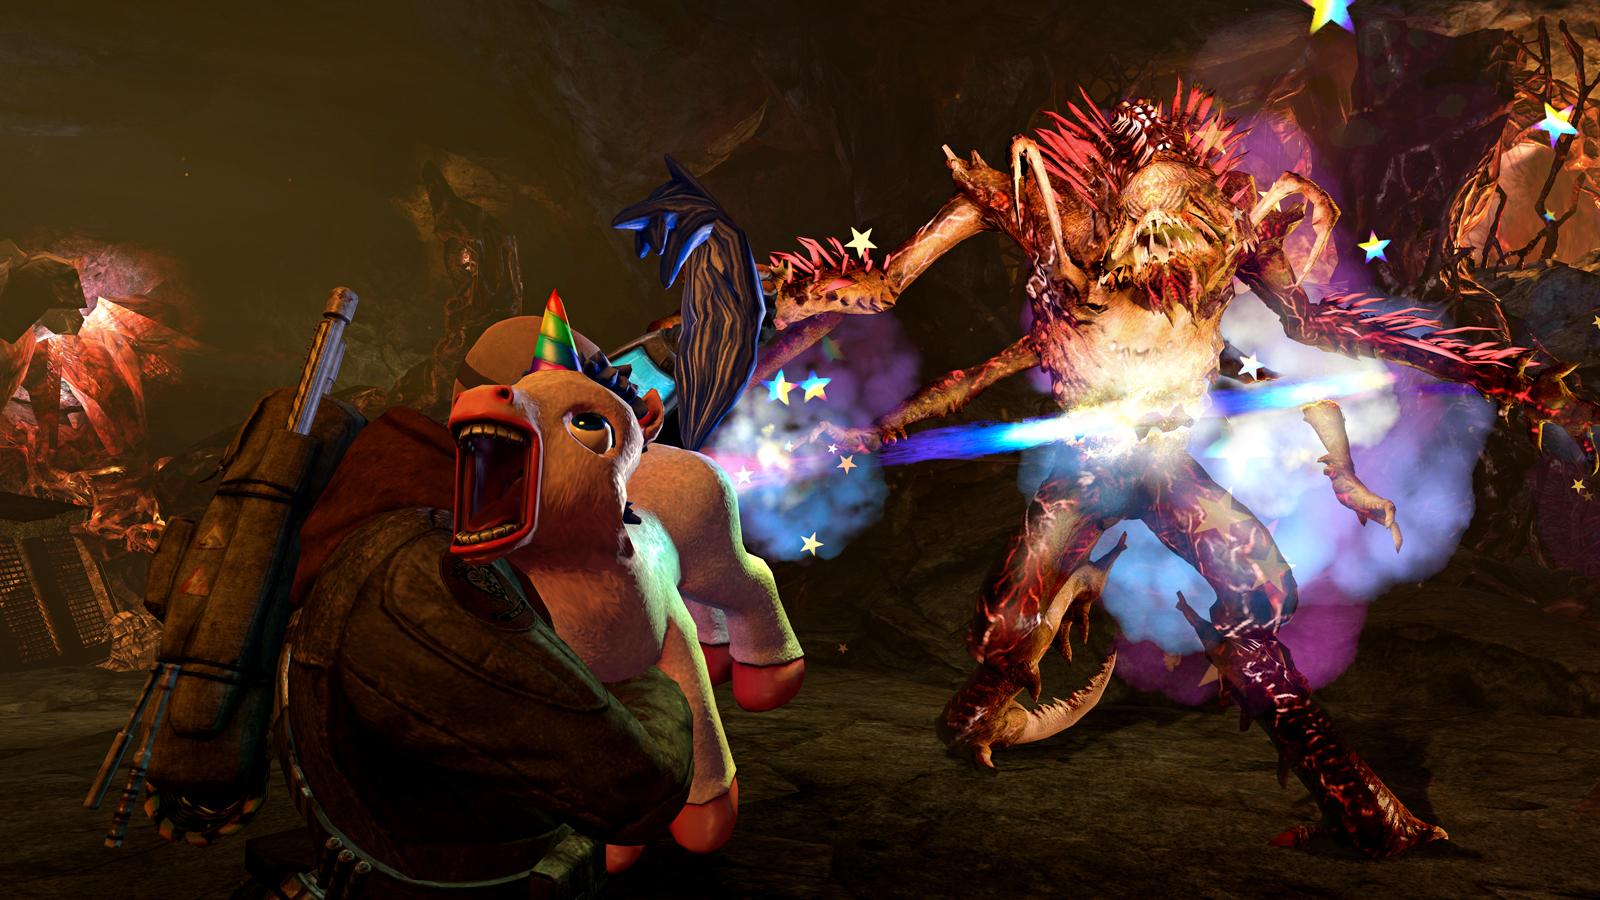 Pony de destrucción masiva para salvar Marte [Arcoiris FTW!!]